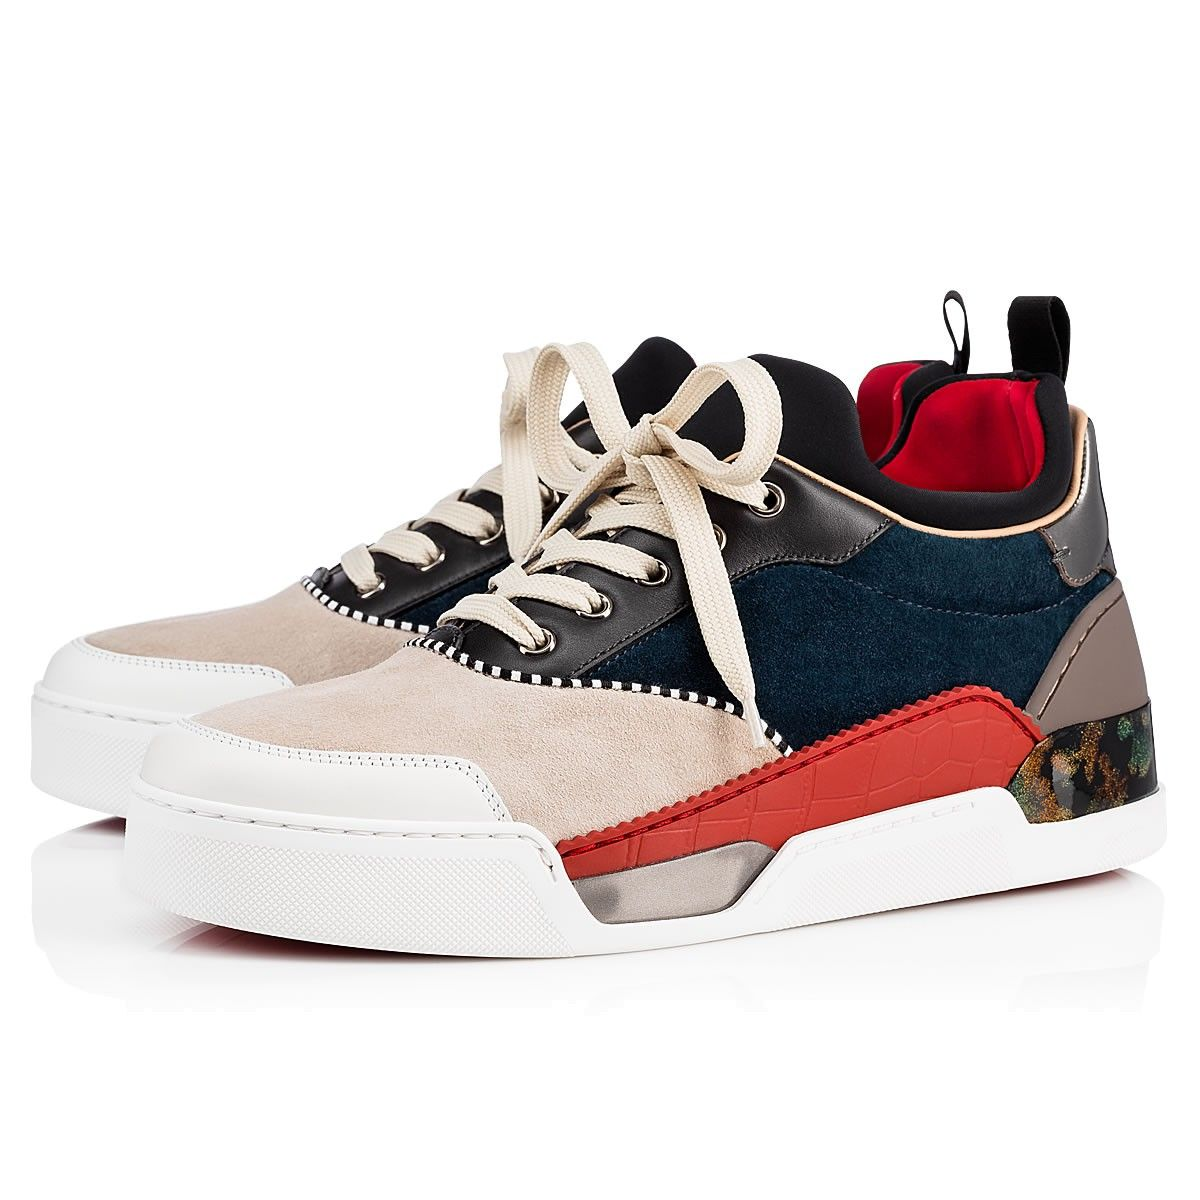 6679de9e6b94 Aurelien Flat Version Multi Patent Leather - Men Shoes - Christian Louboutin